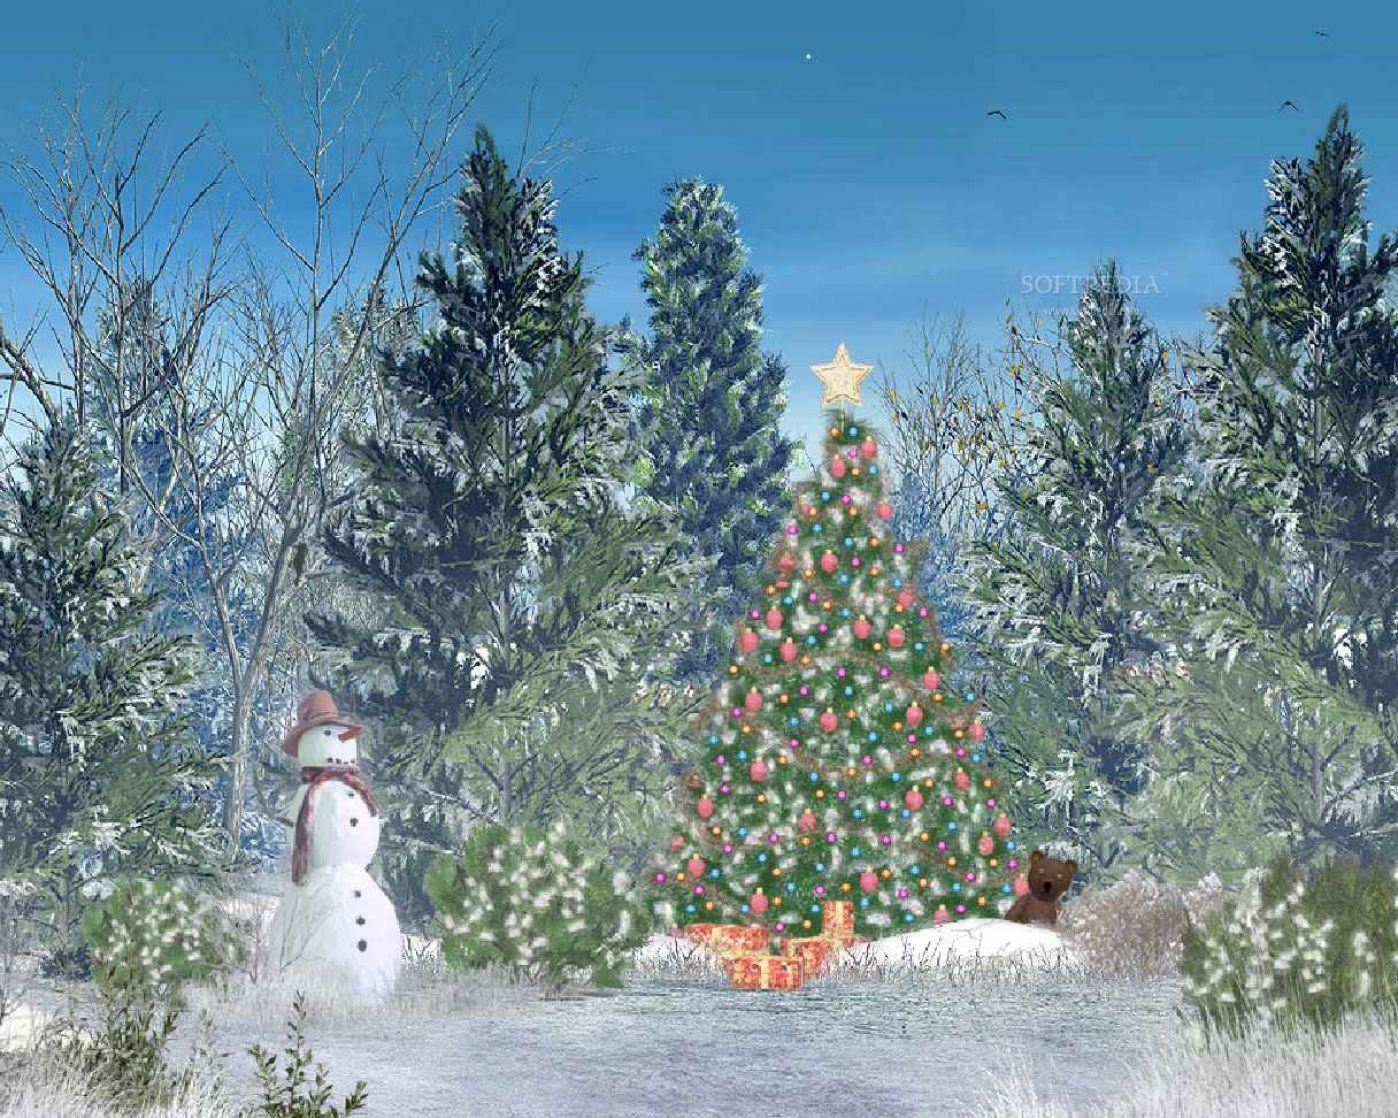 Animated Merry Christmas